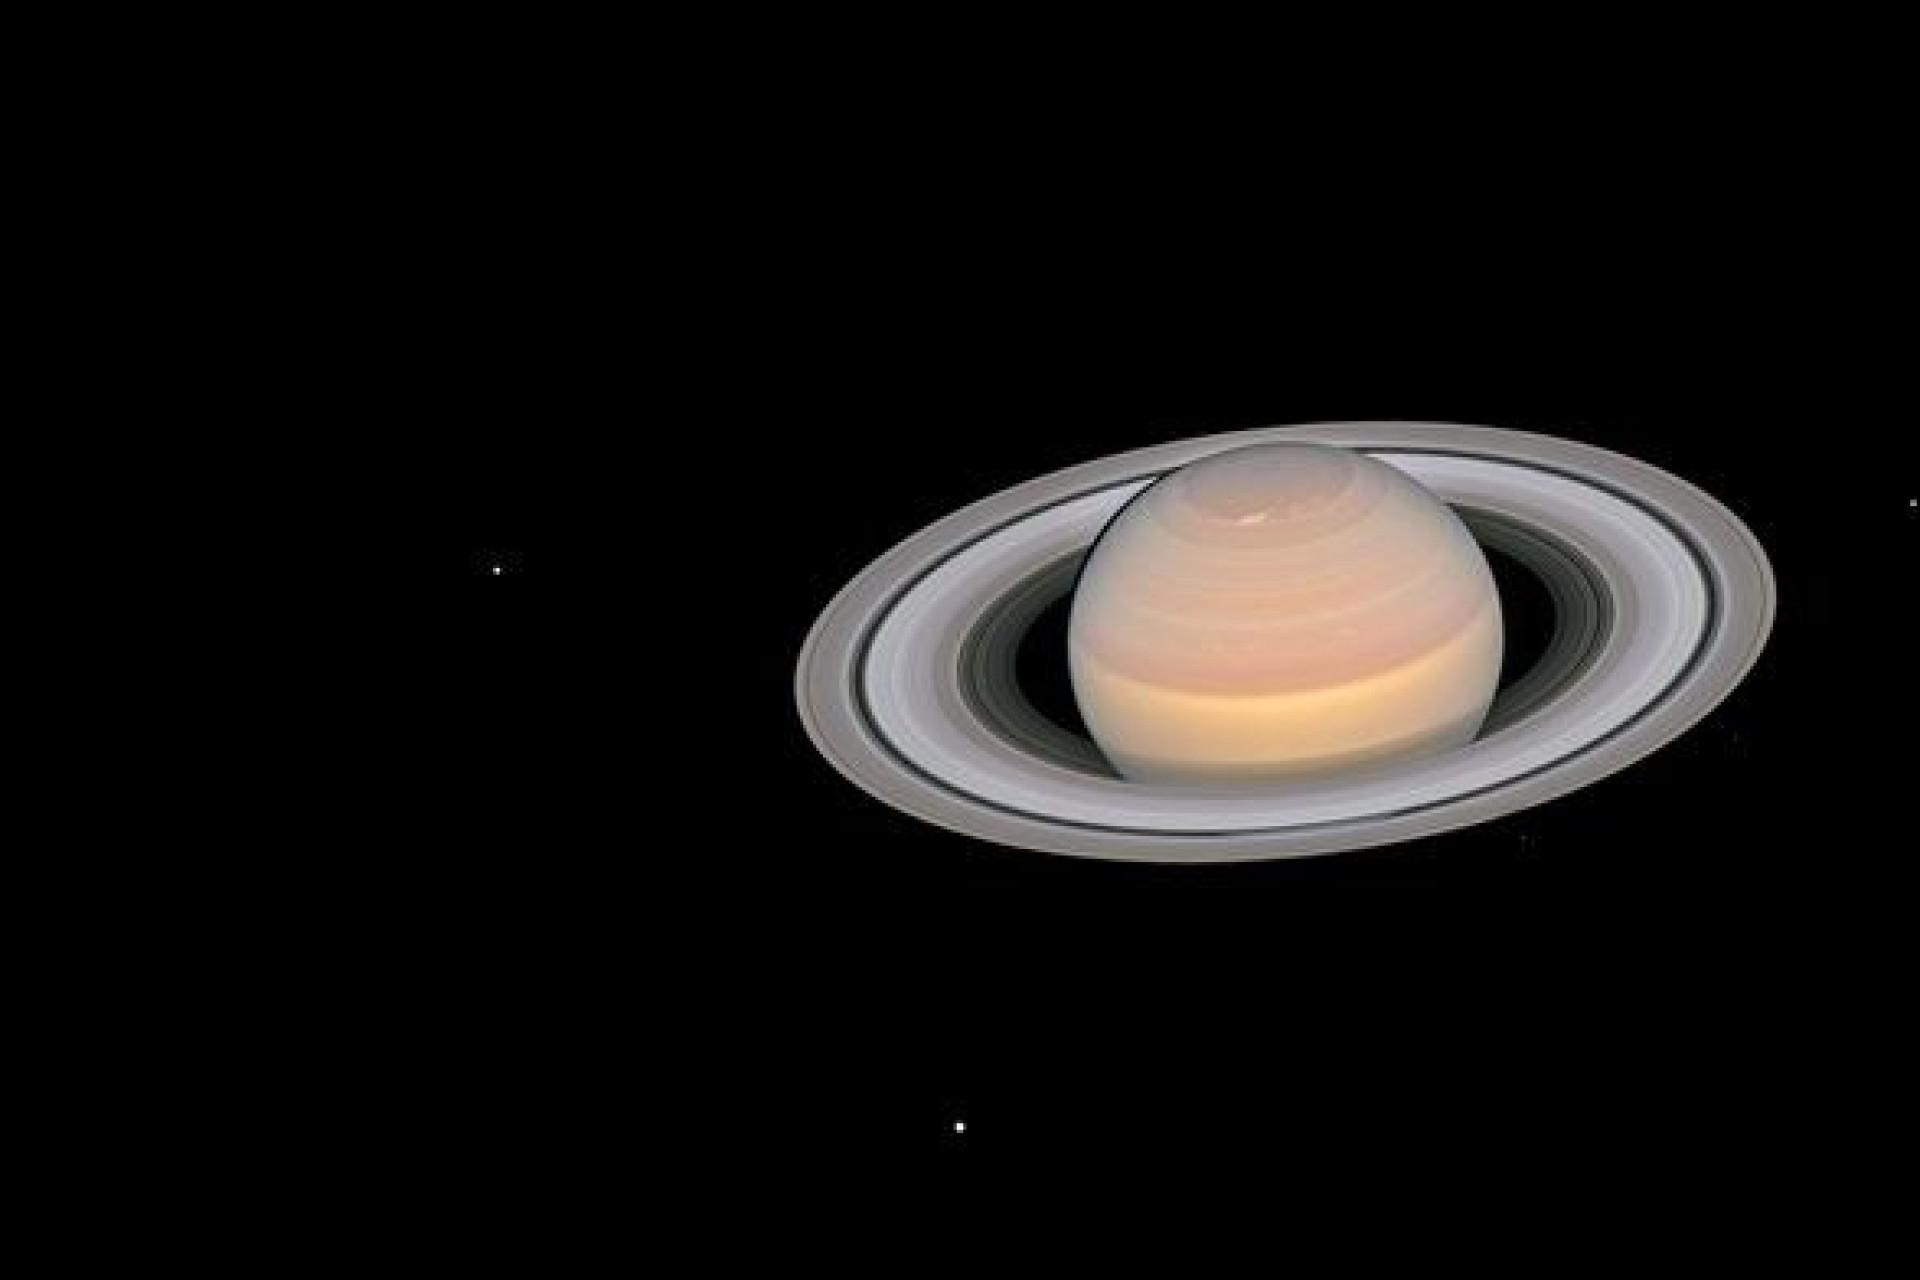 Fotografia de Saturno mostra lado intrigante do planeta